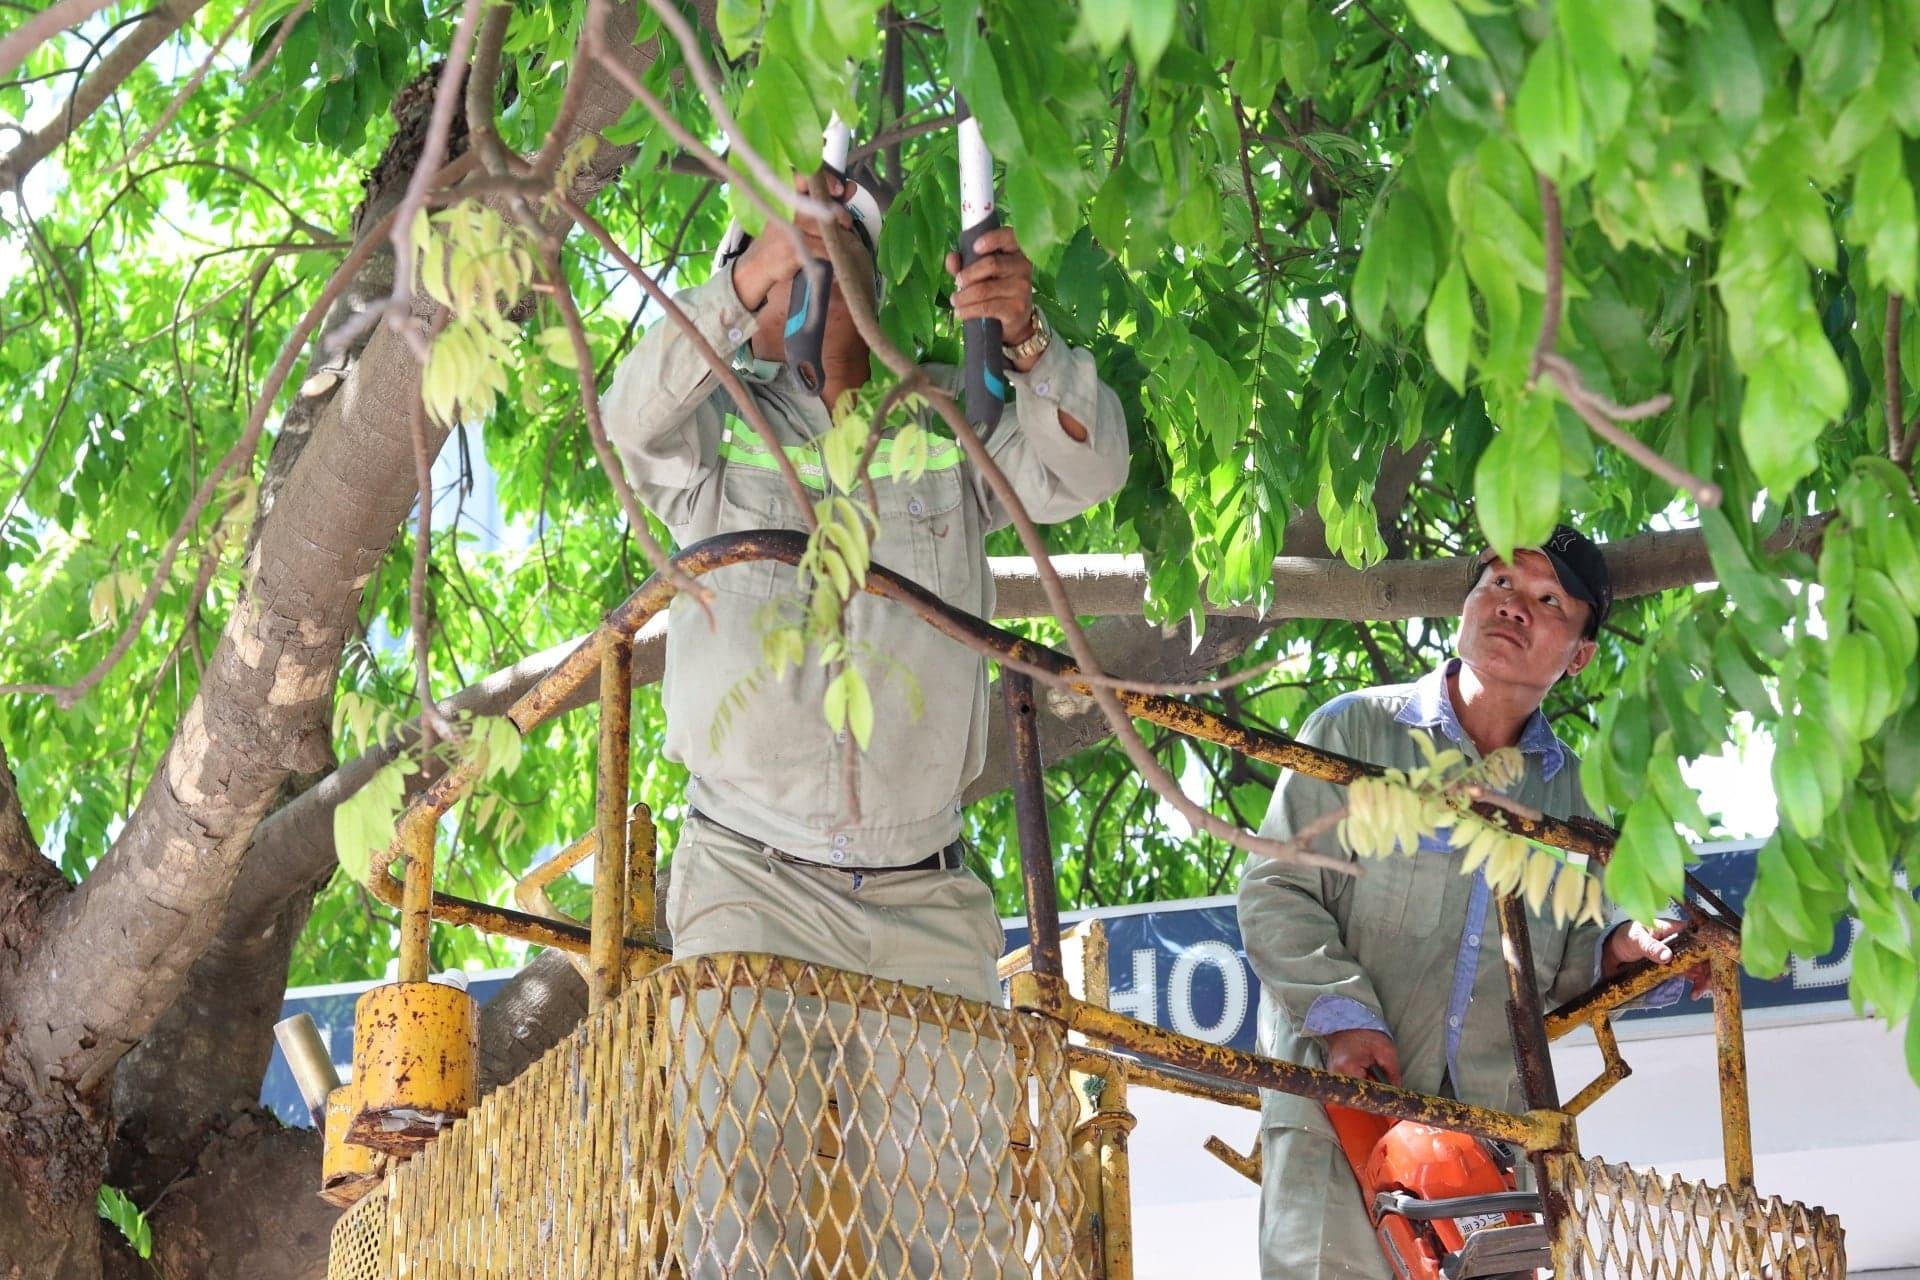 Công tác cắt tỉa cây trước mùa mưa bão được tích cực triển khai trên tuyến phố Mai Dịch, Nguyễn Khả Trạc (Hà Nội).